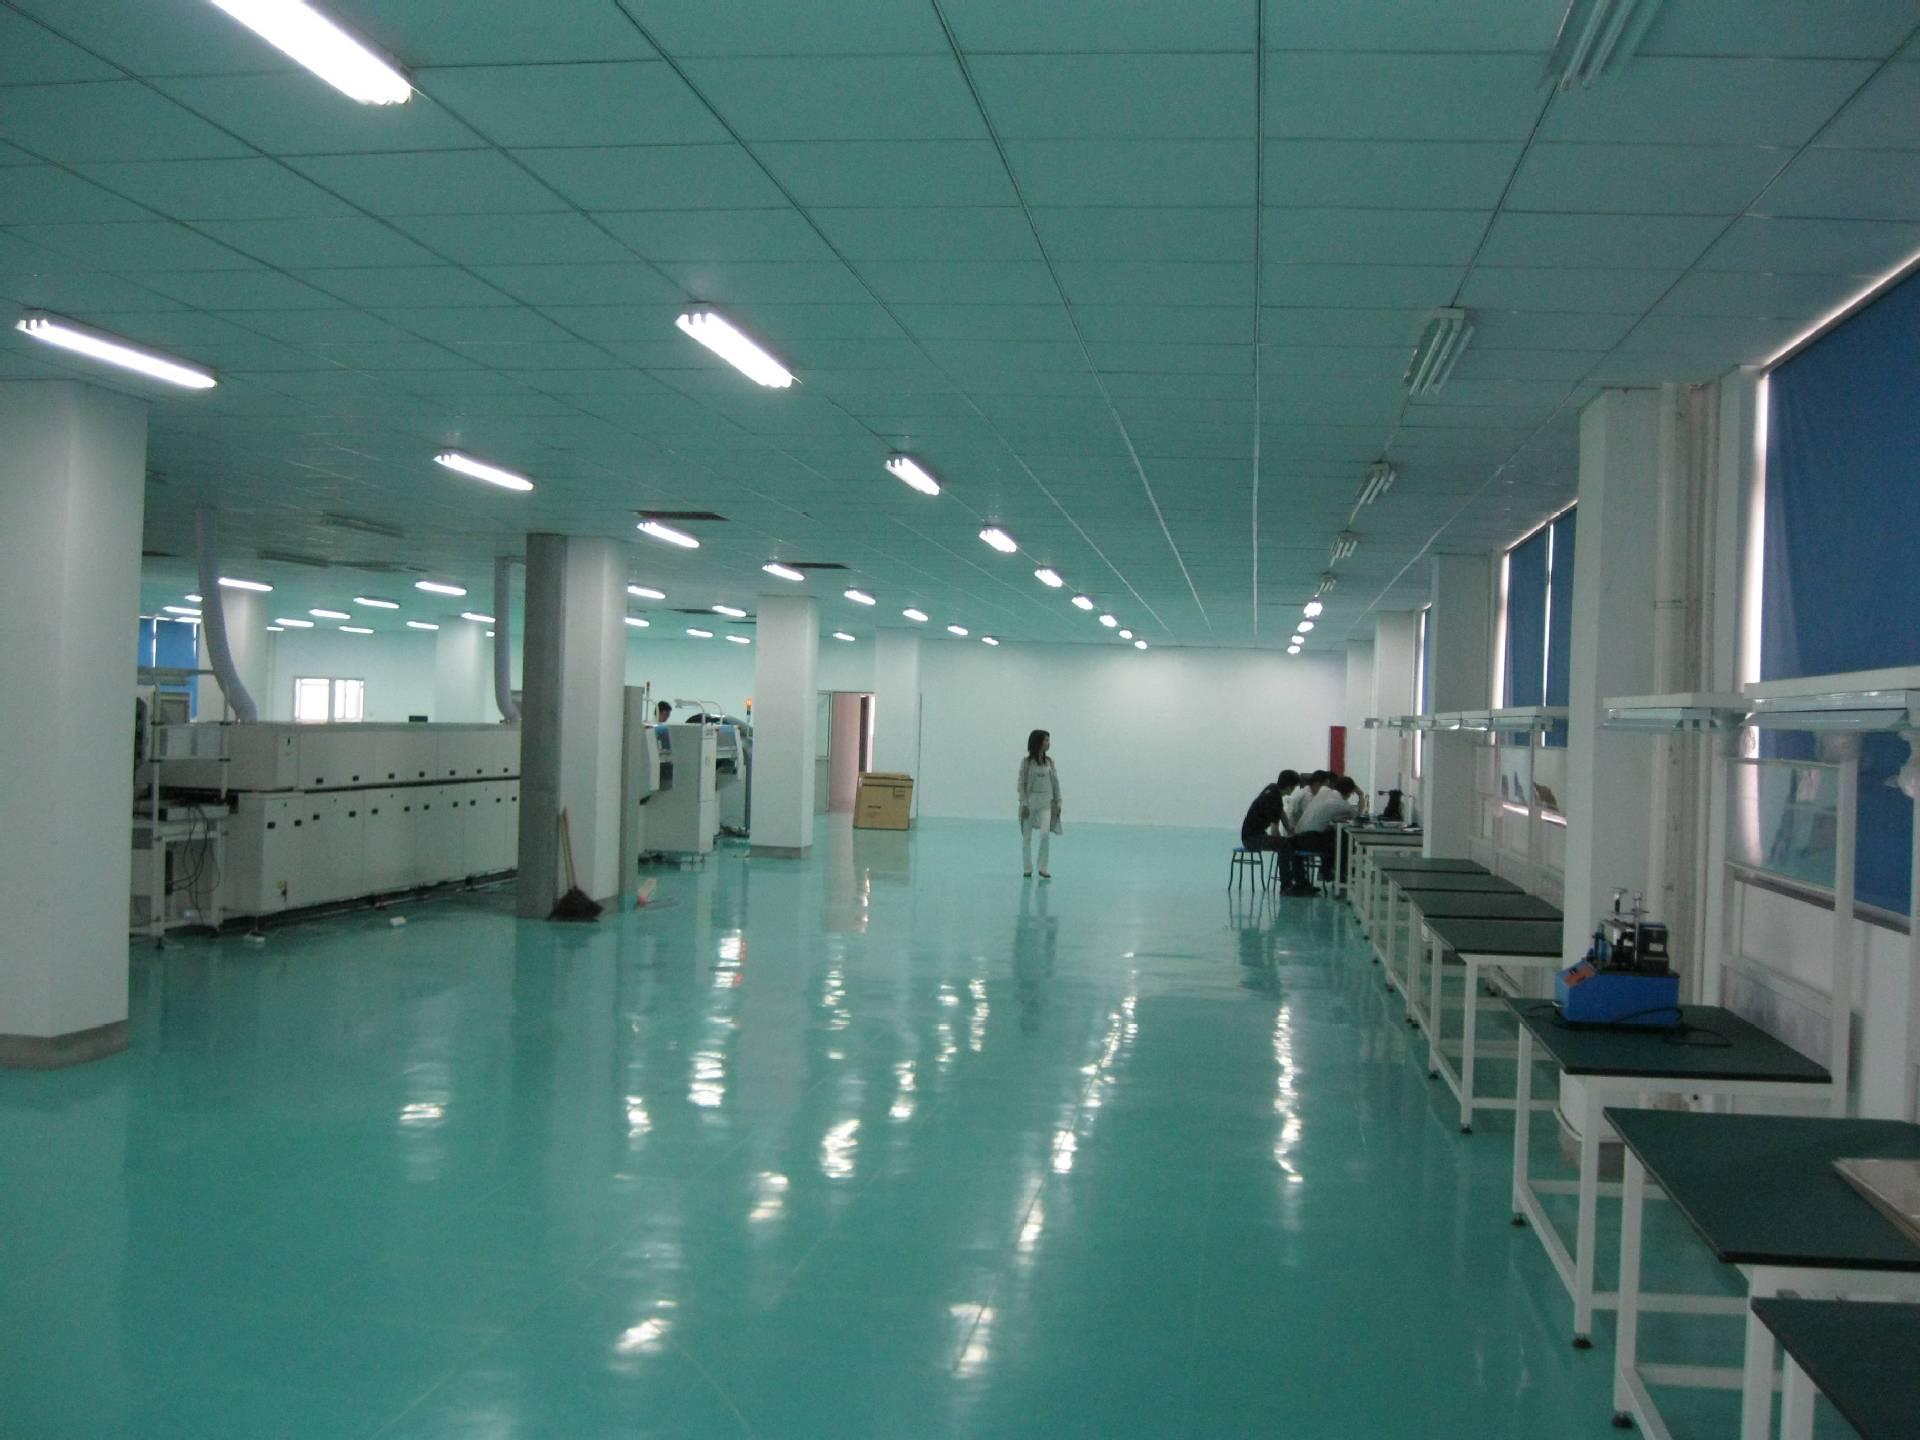 常州电子厂工厂防静电pvc塑胶地板防静电片材厂家直销